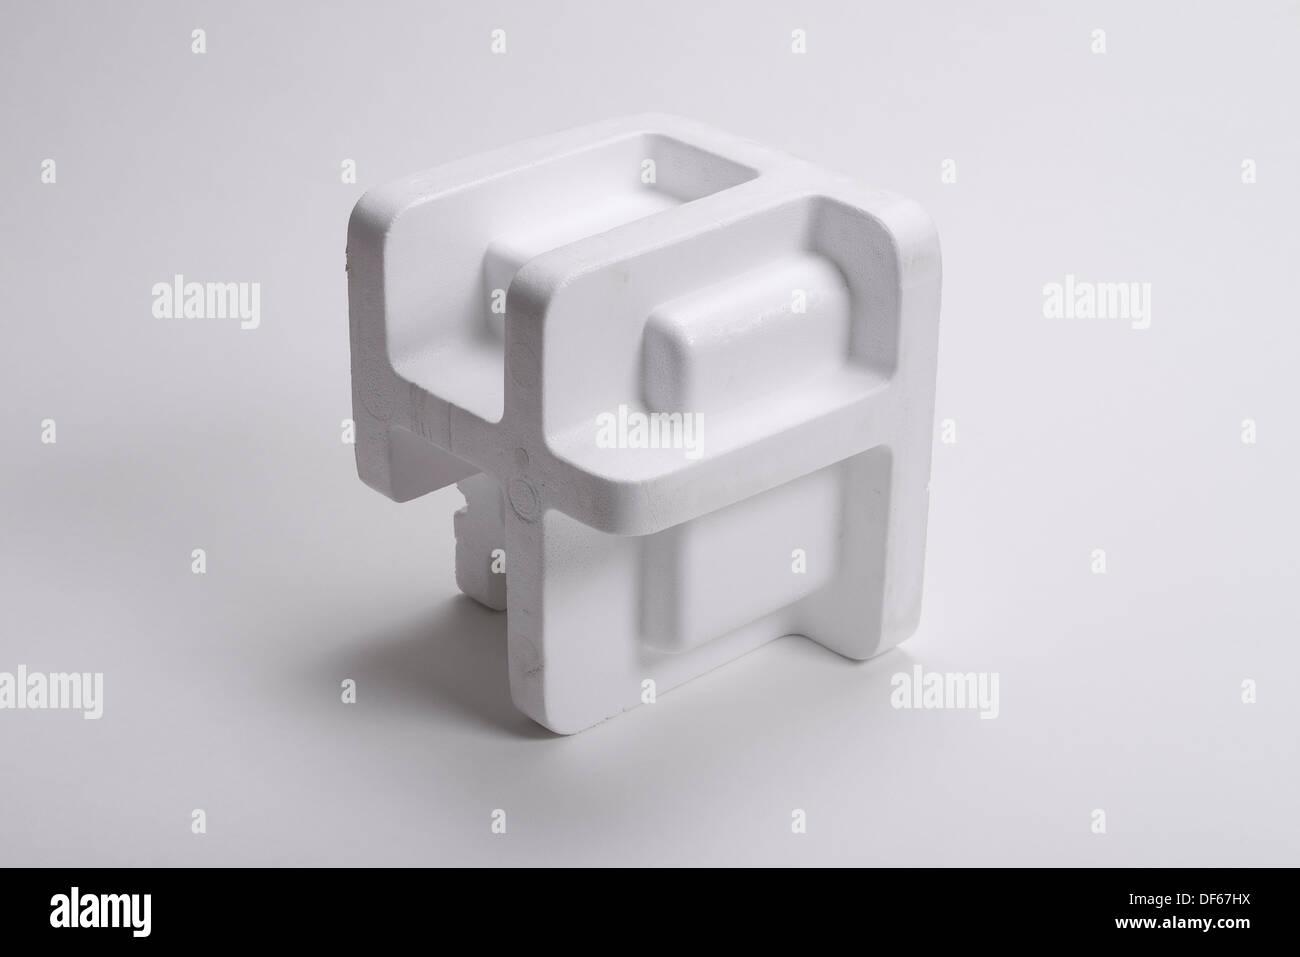 Morceau de polystyrène blanc en forme d'un morceau de matériau d'emballage Photo Stock